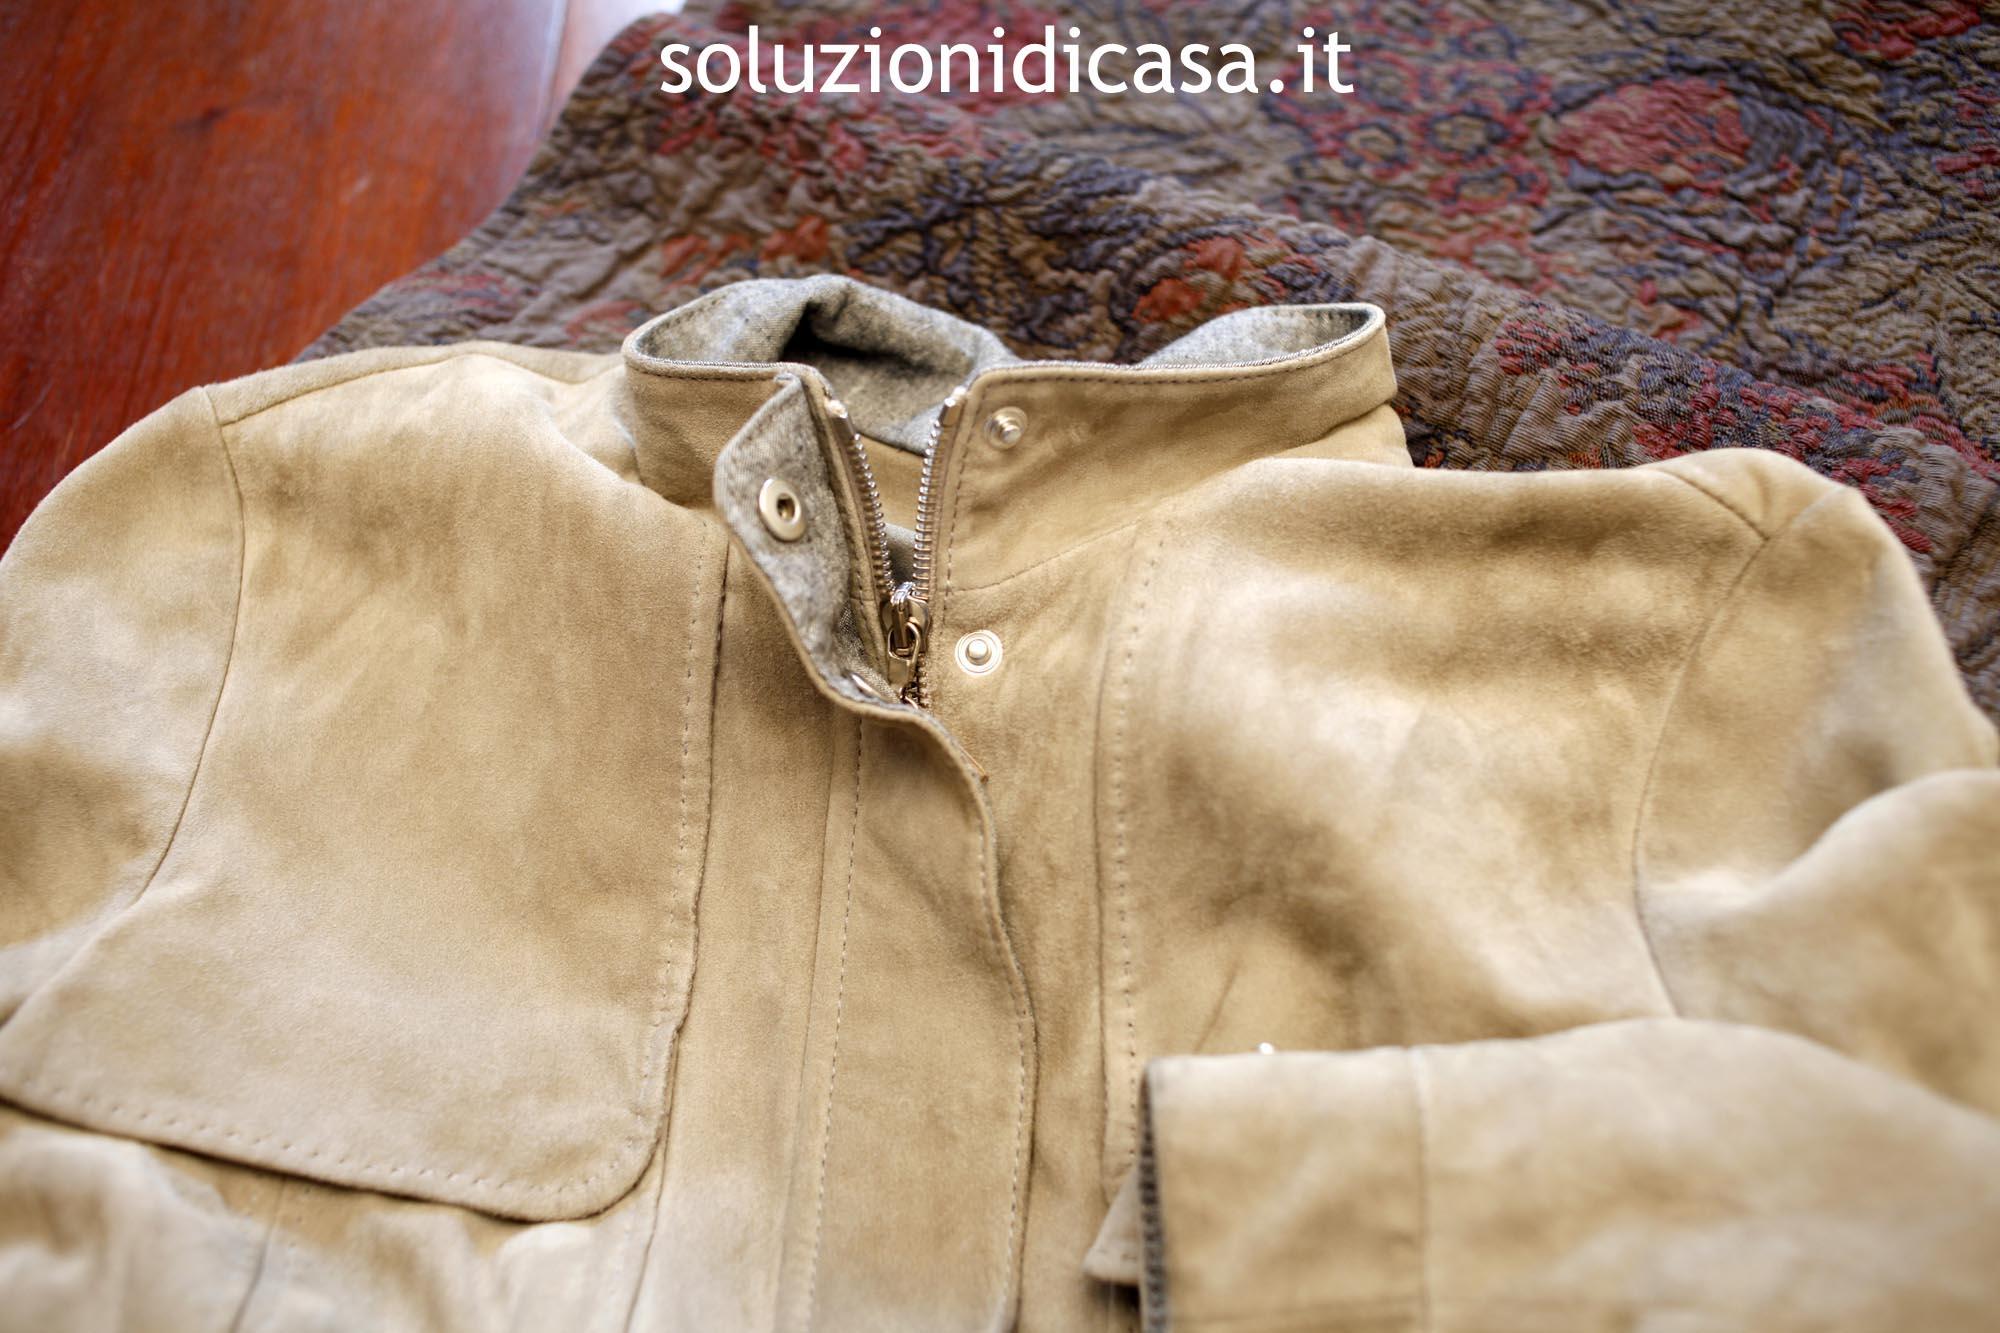 Macchie Di Unto Sulla Pelle come pulire le giacche di renna - soluzioni di casa